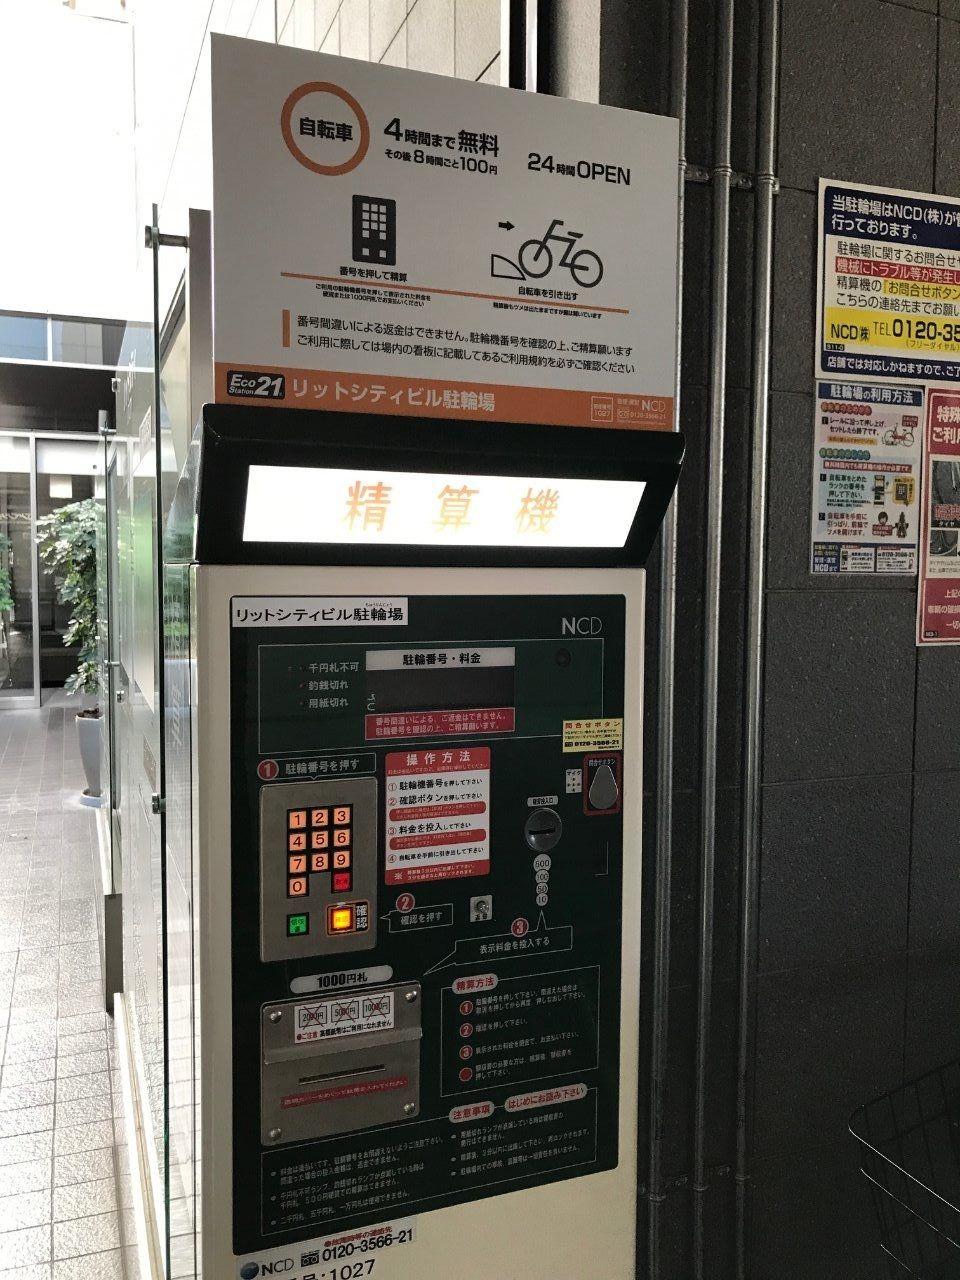 リットシティビル駐輪場/24時間OPEN 4時間まで無料